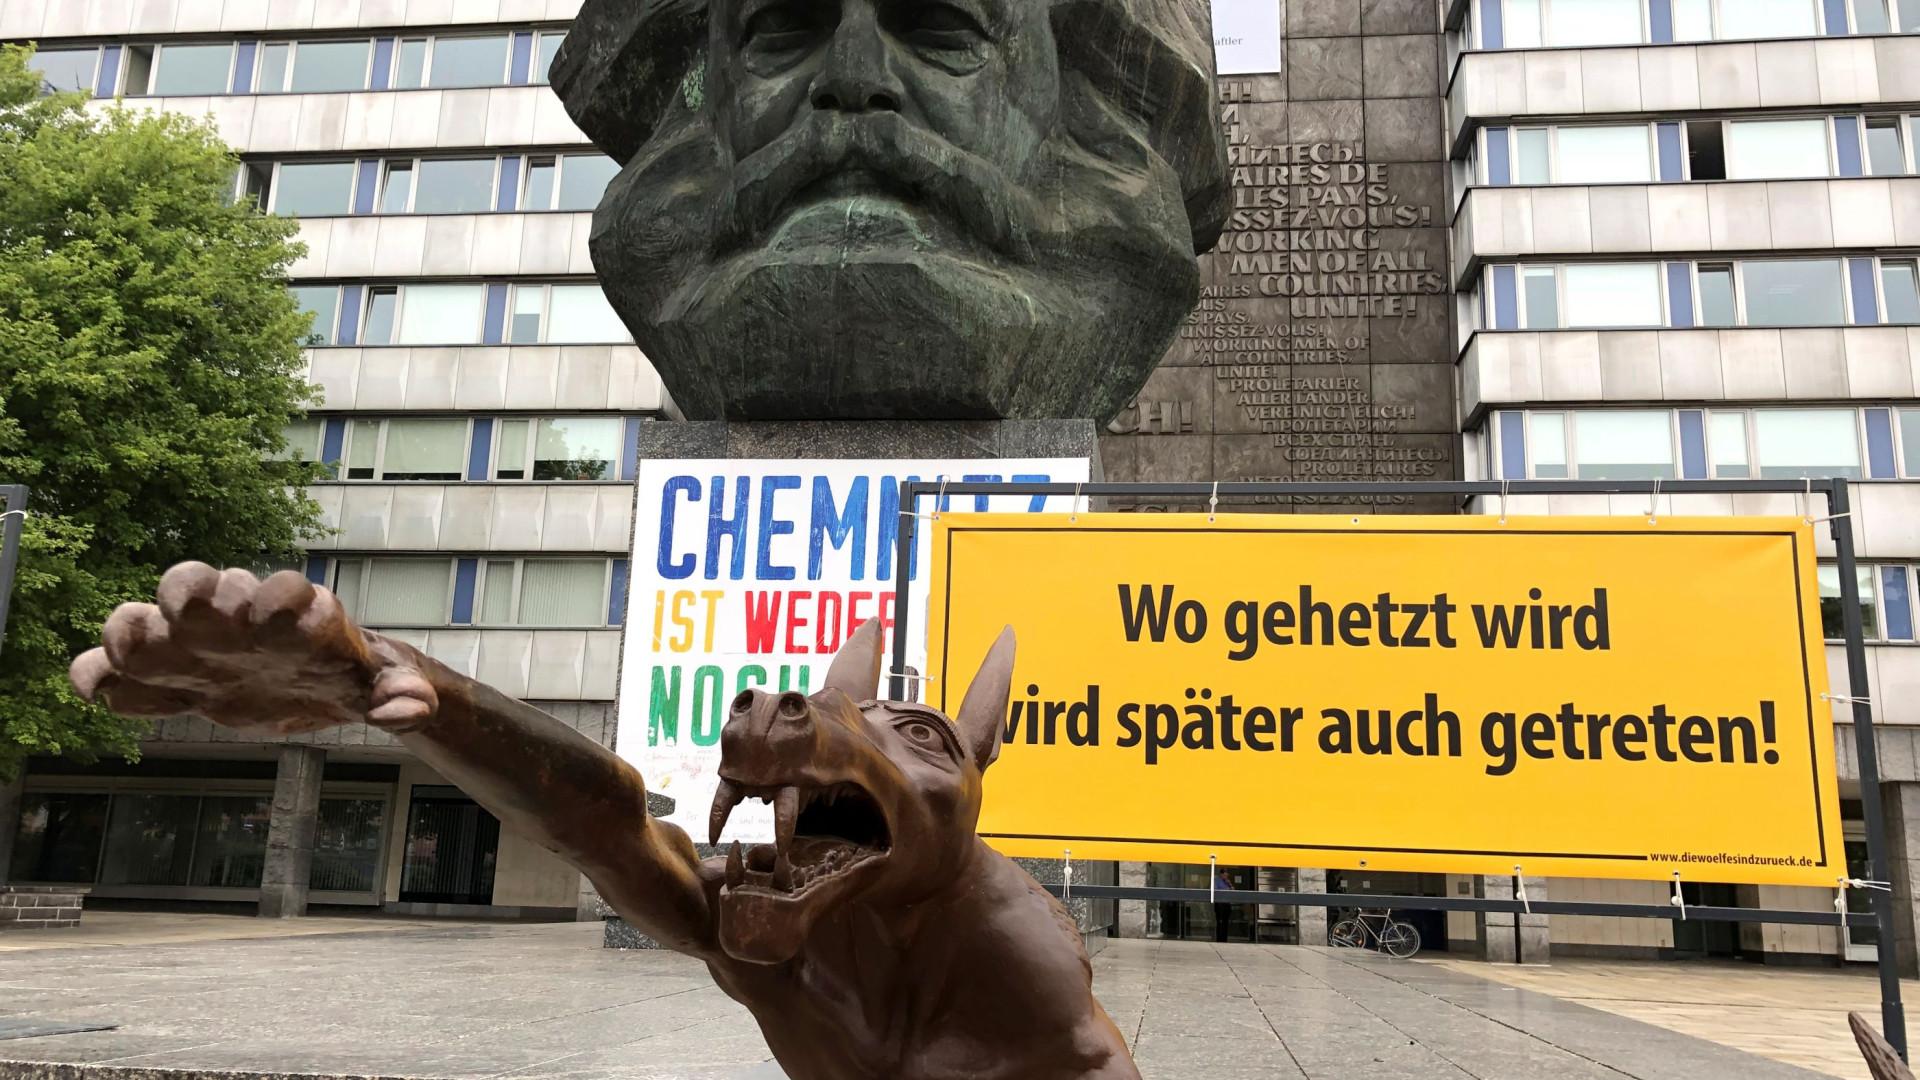 Estátuas de lobos a fazerem saudação nazi expostas em Chemnitz